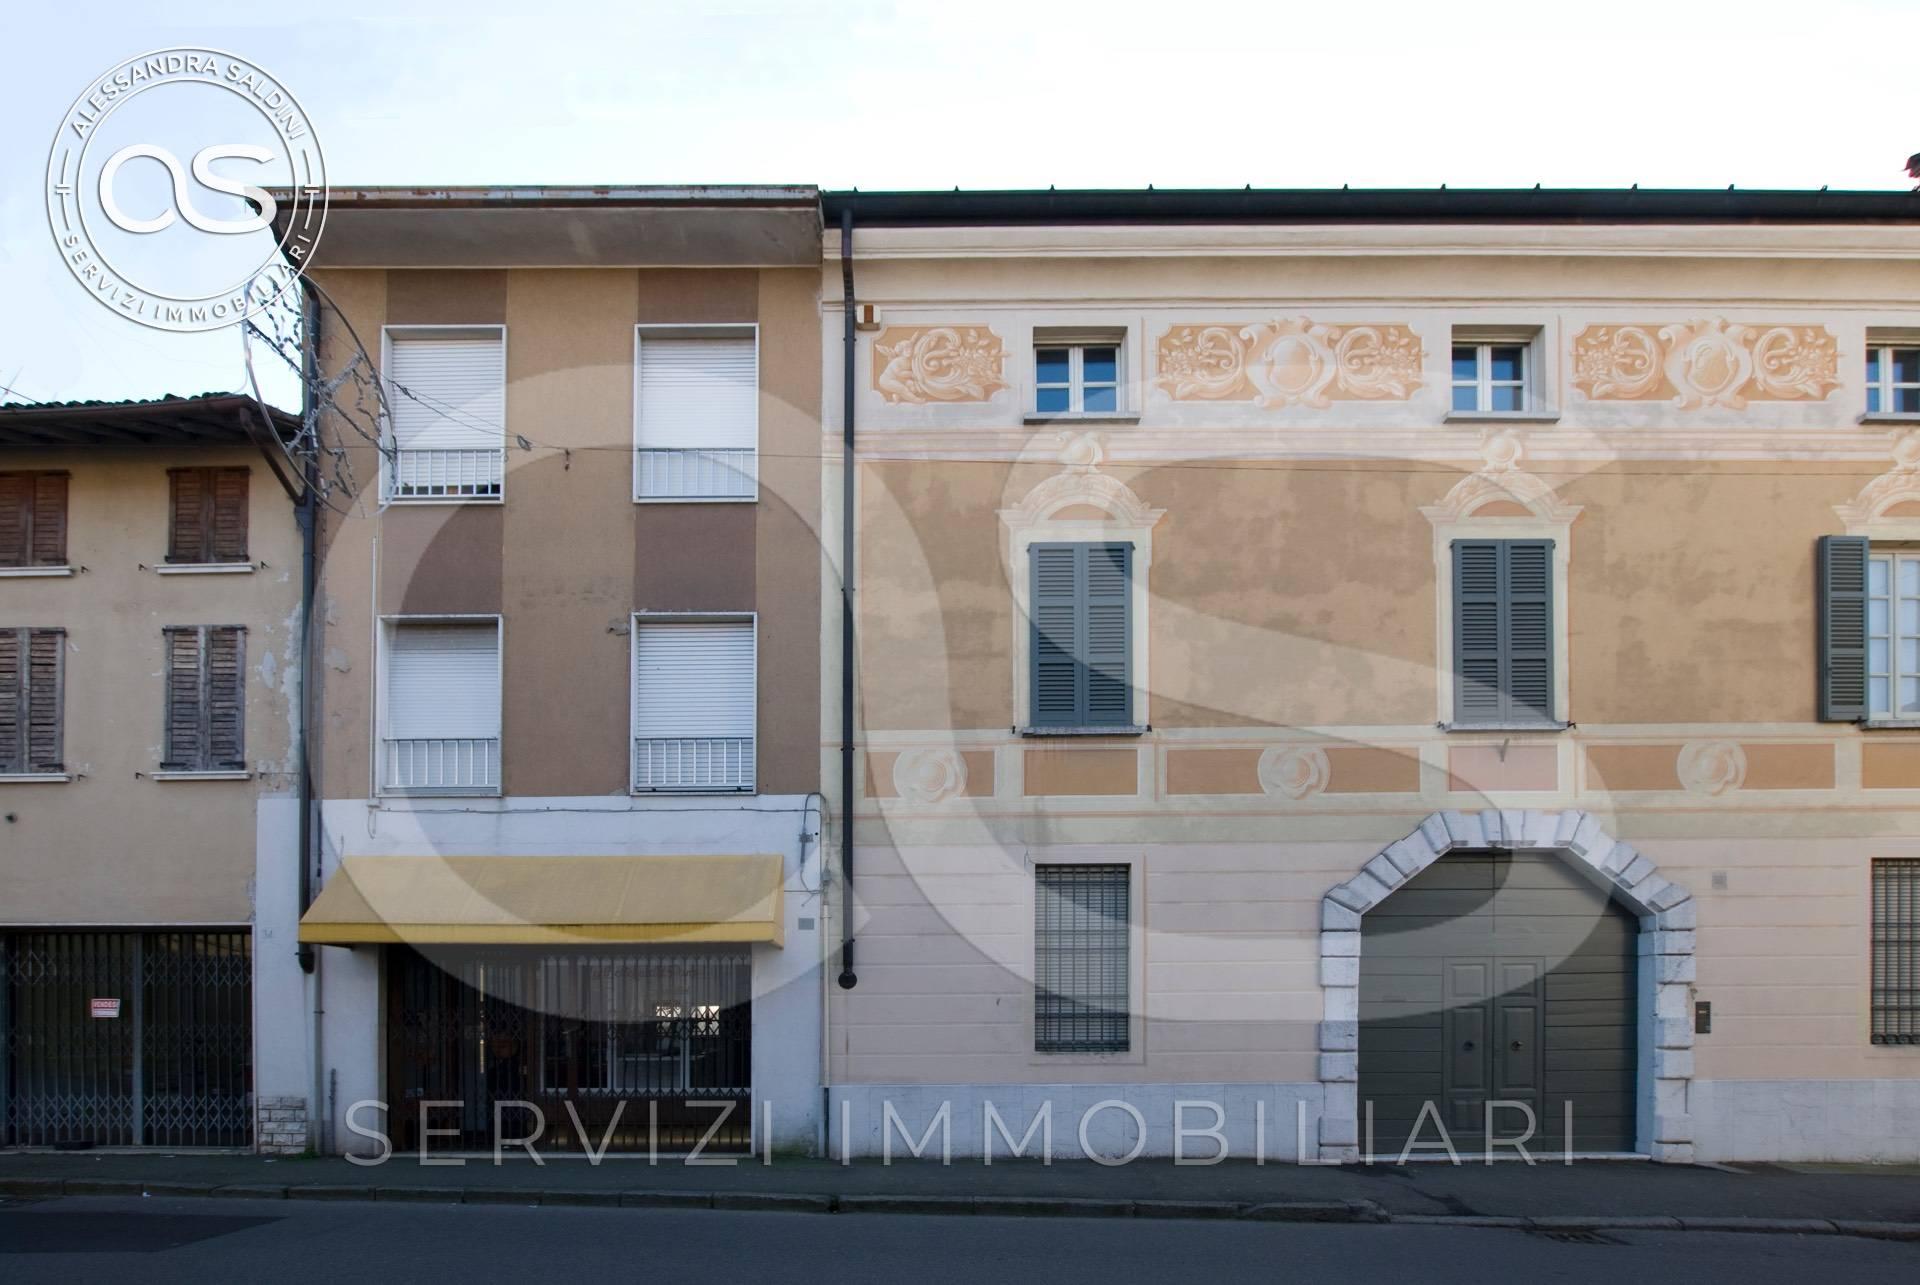 Soluzione Indipendente in vendita a Manerbio, 5 locali, prezzo € 198.000 | PortaleAgenzieImmobiliari.it